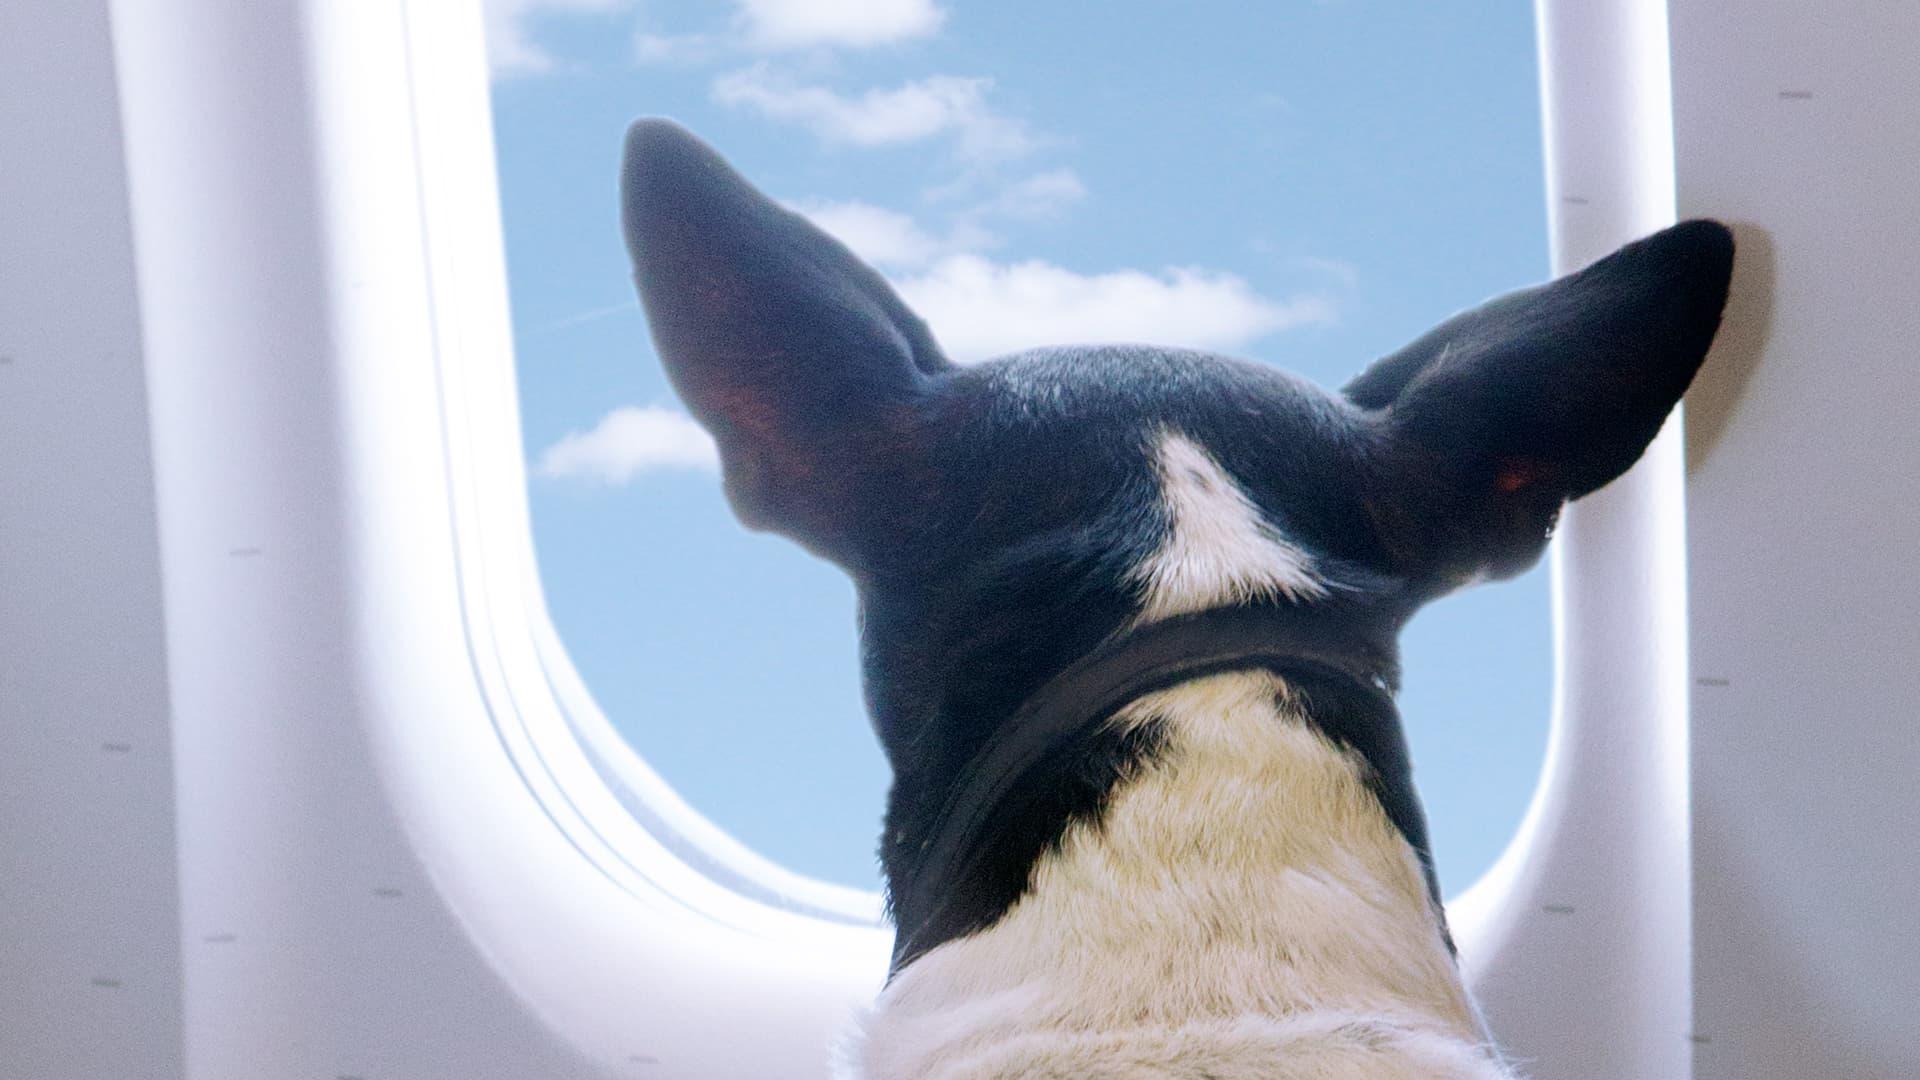 Noleggiare un jet privato con un cane